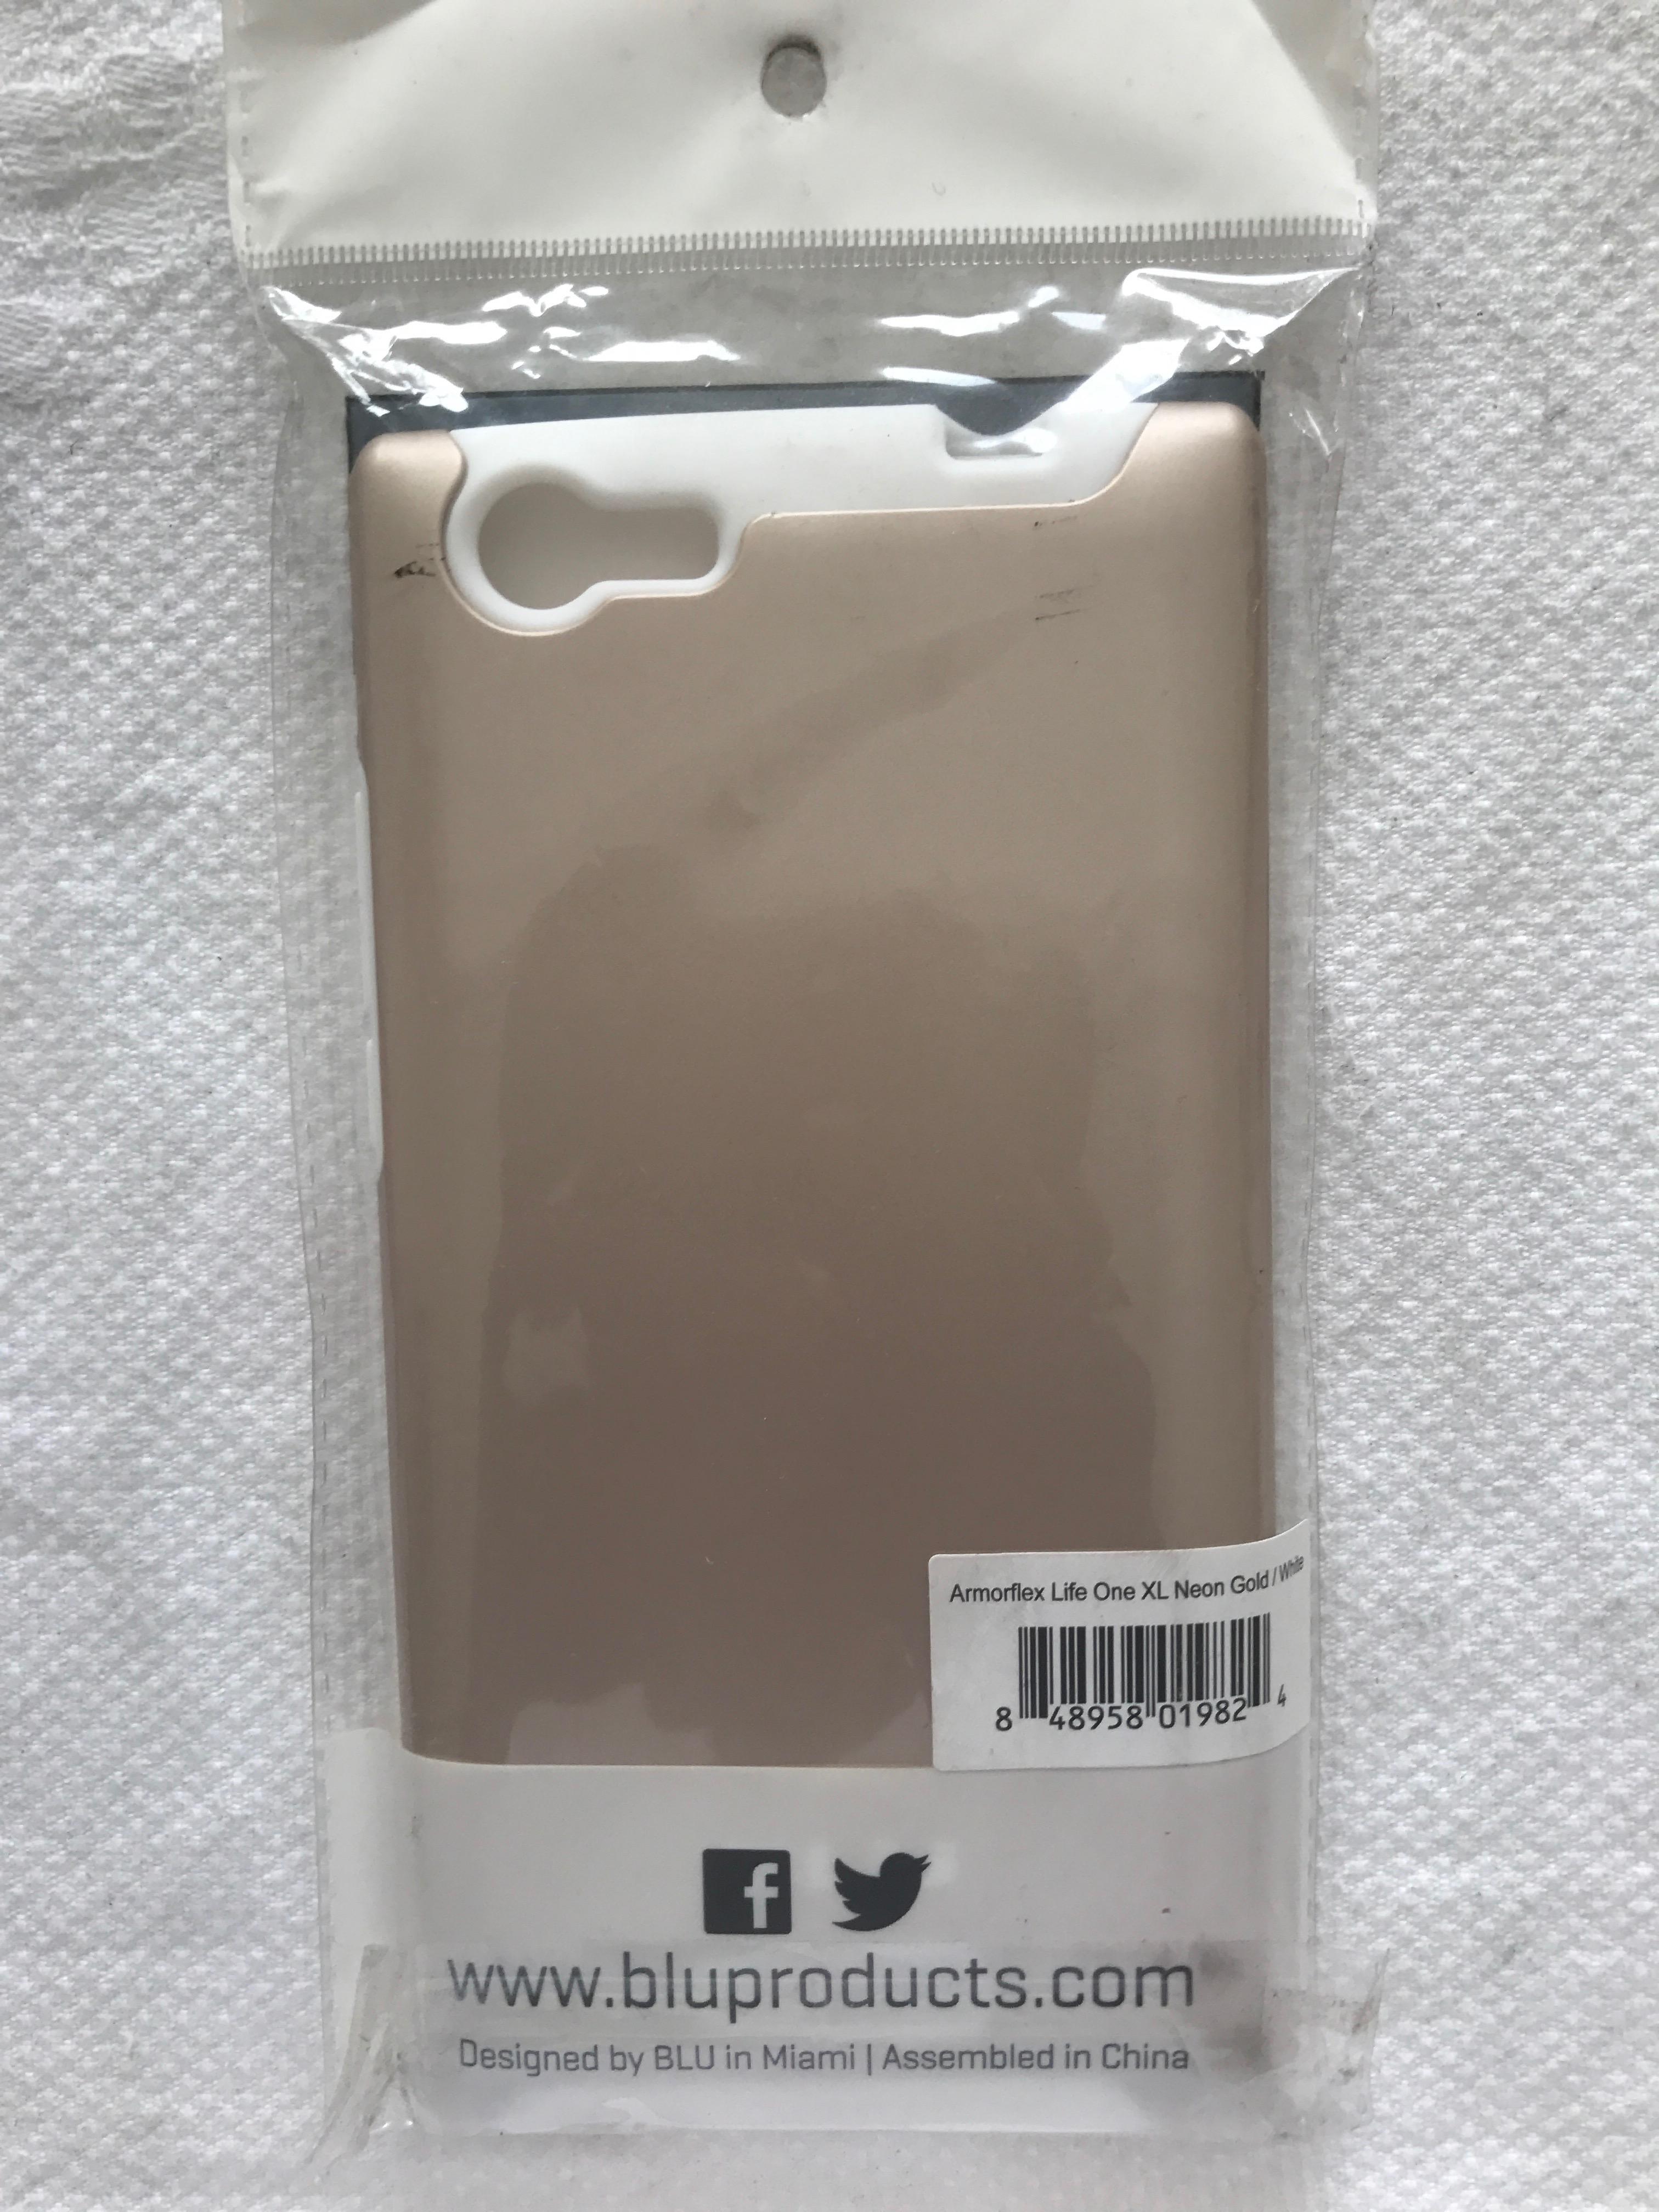 Blu Life XL/Mini Cases